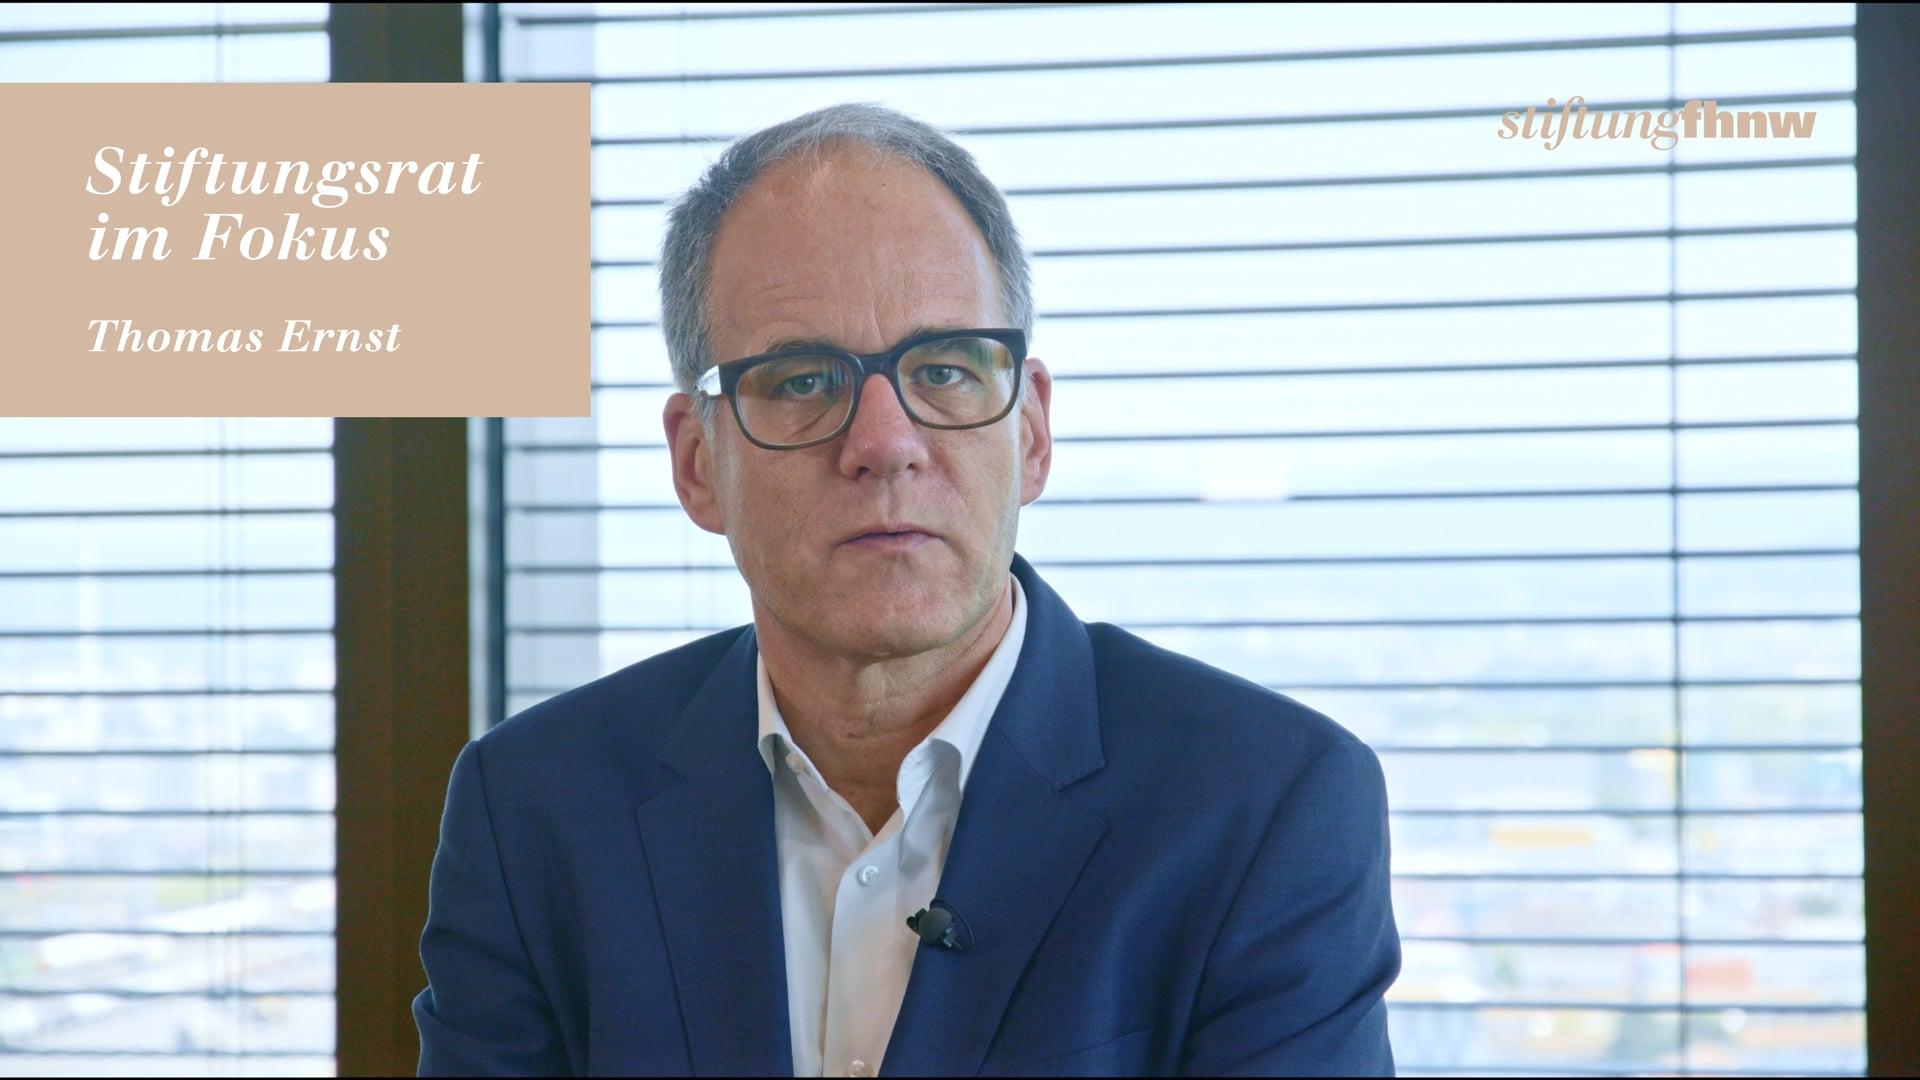 Testimonial Thomas Ernst – StiftungFHNW 2019